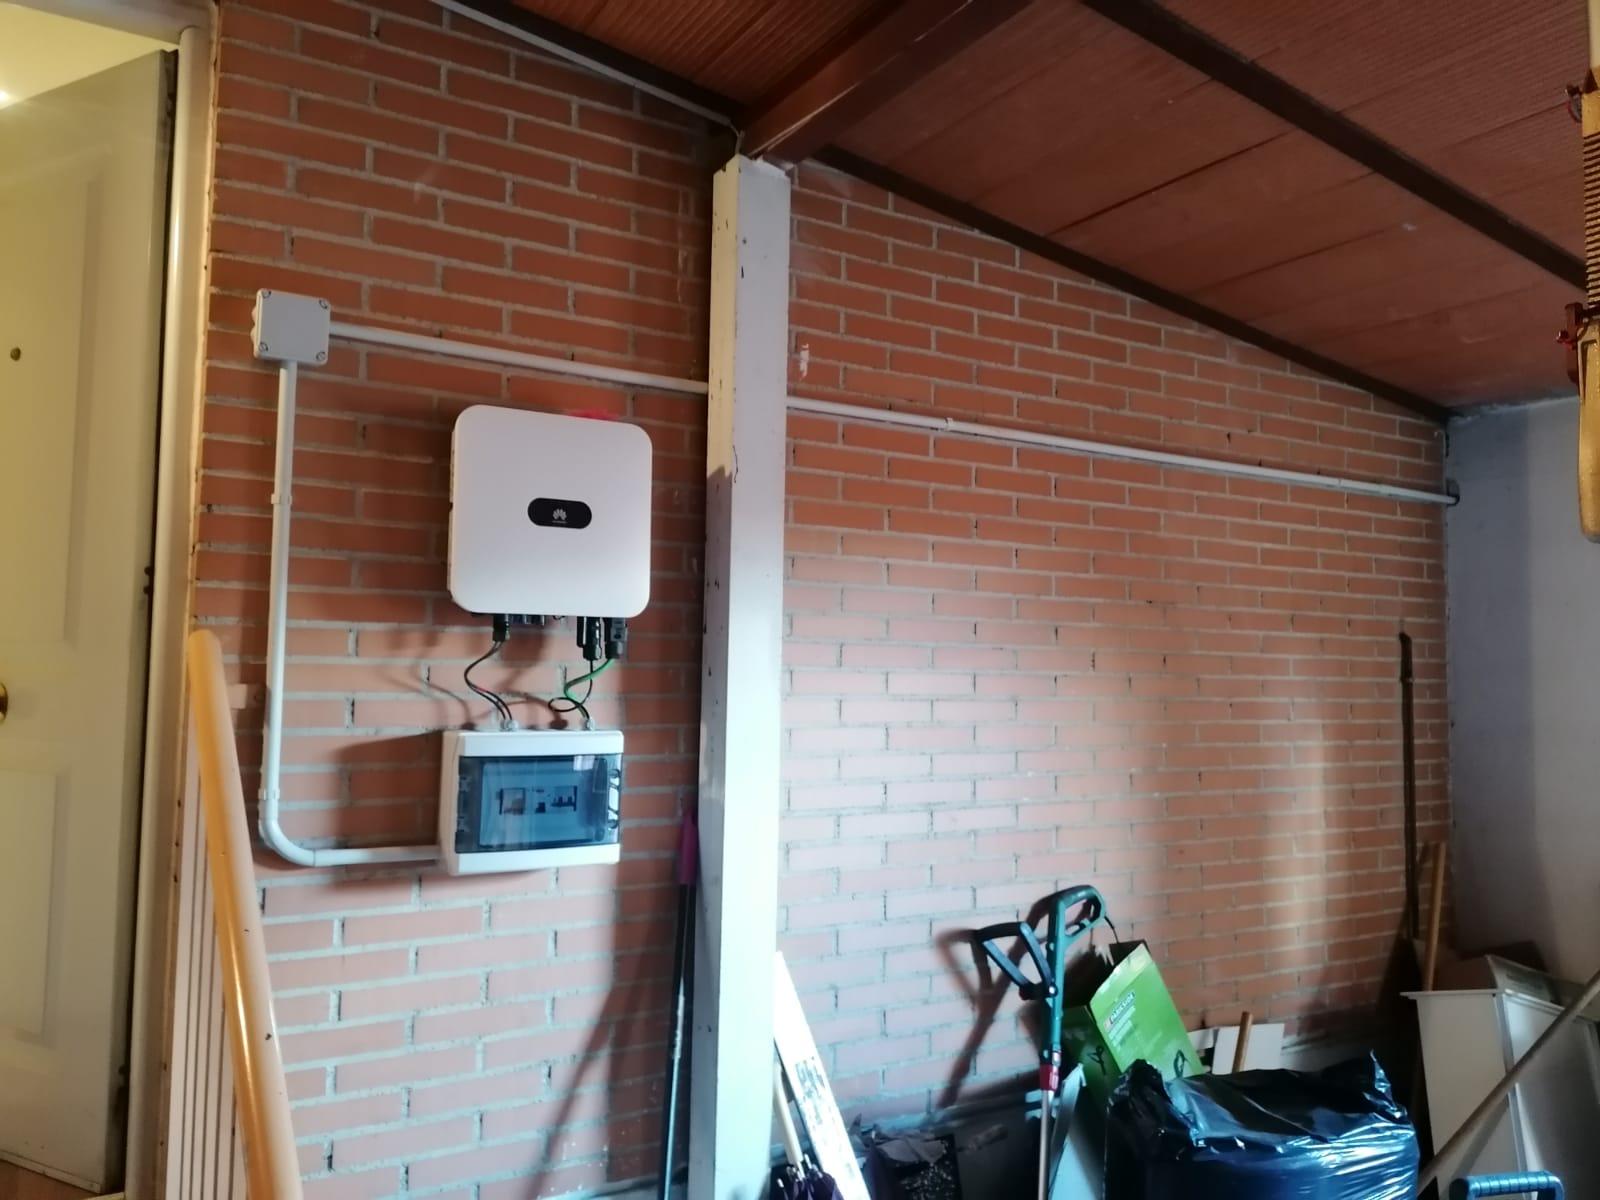 Instalación de paneles solares en Rivas Vaciamadrid